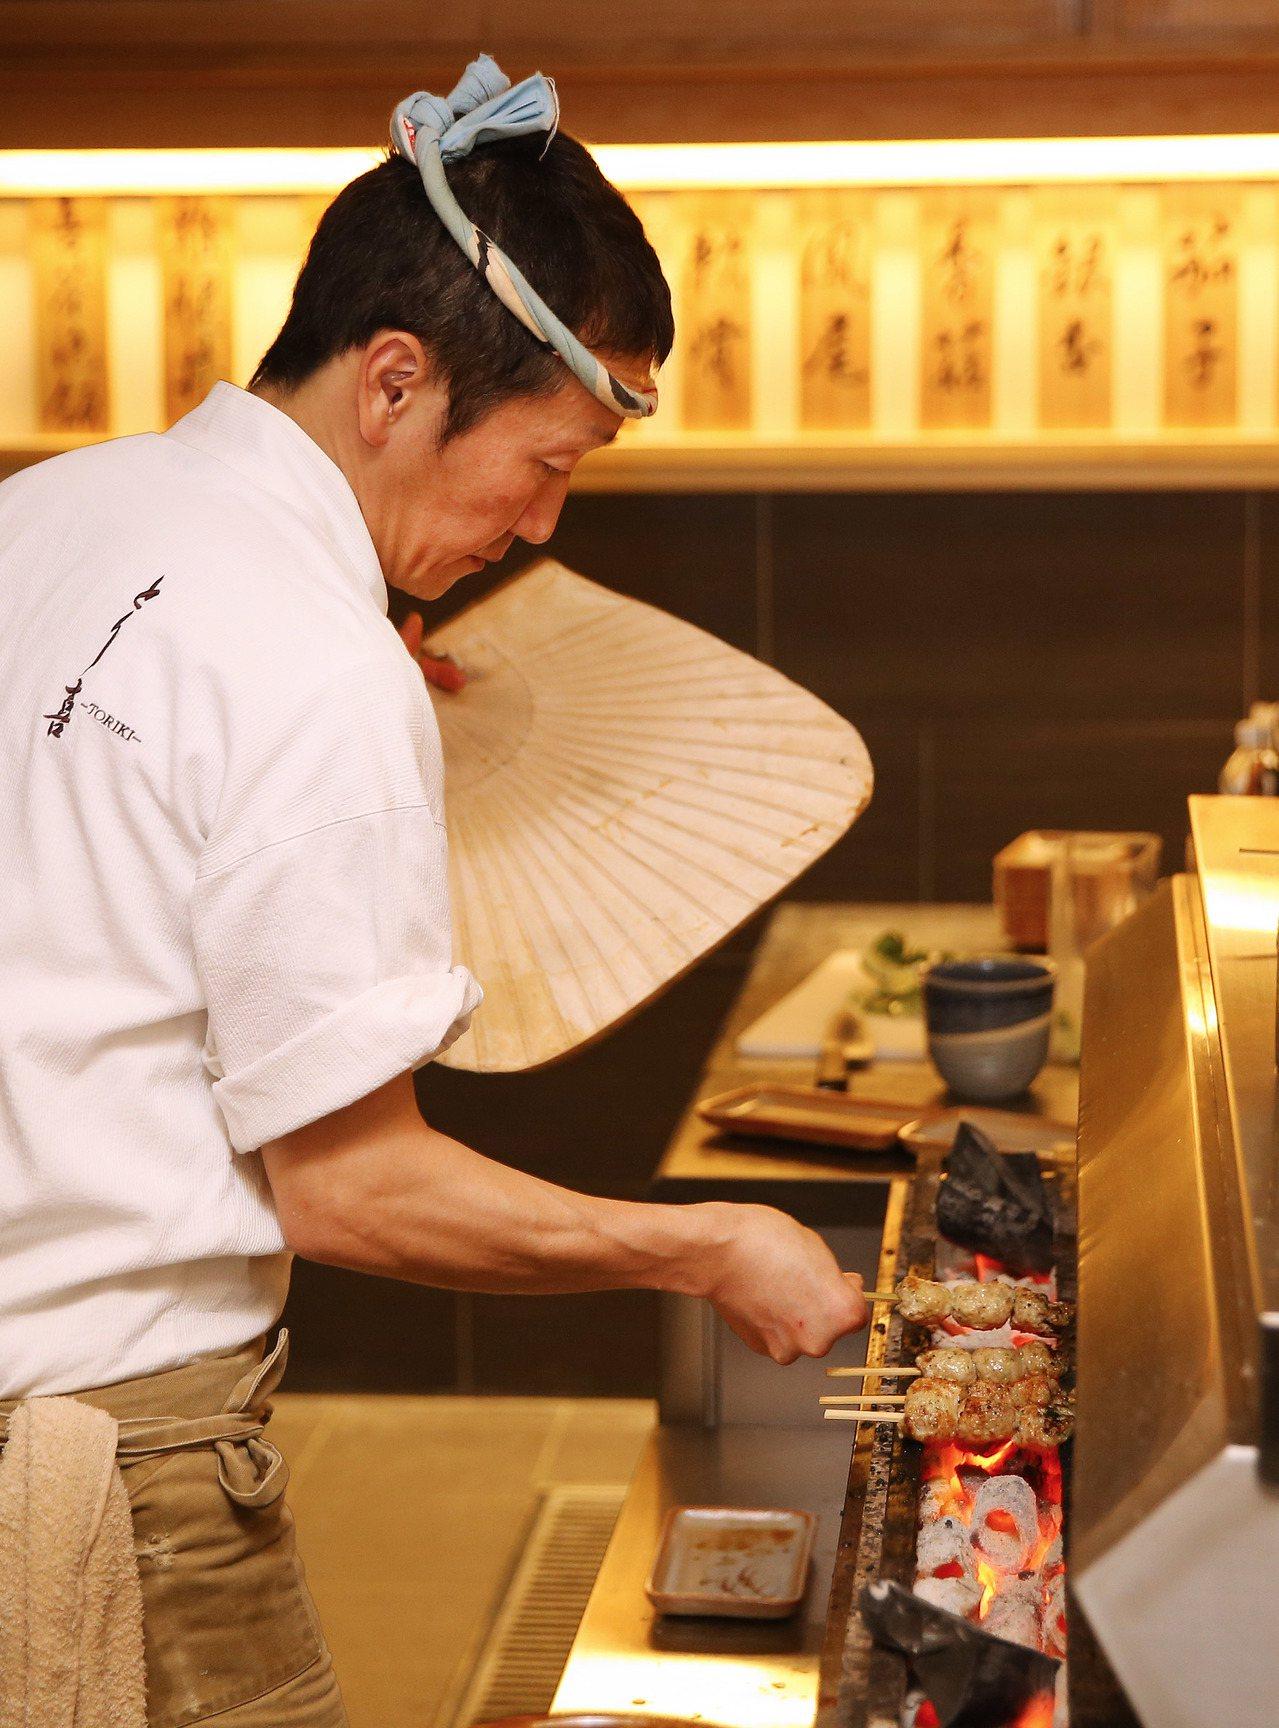 品味專刊-米其林一星台北鳥喜正式開幕,日本社長坂井康人。記者陳柏亨/攝影